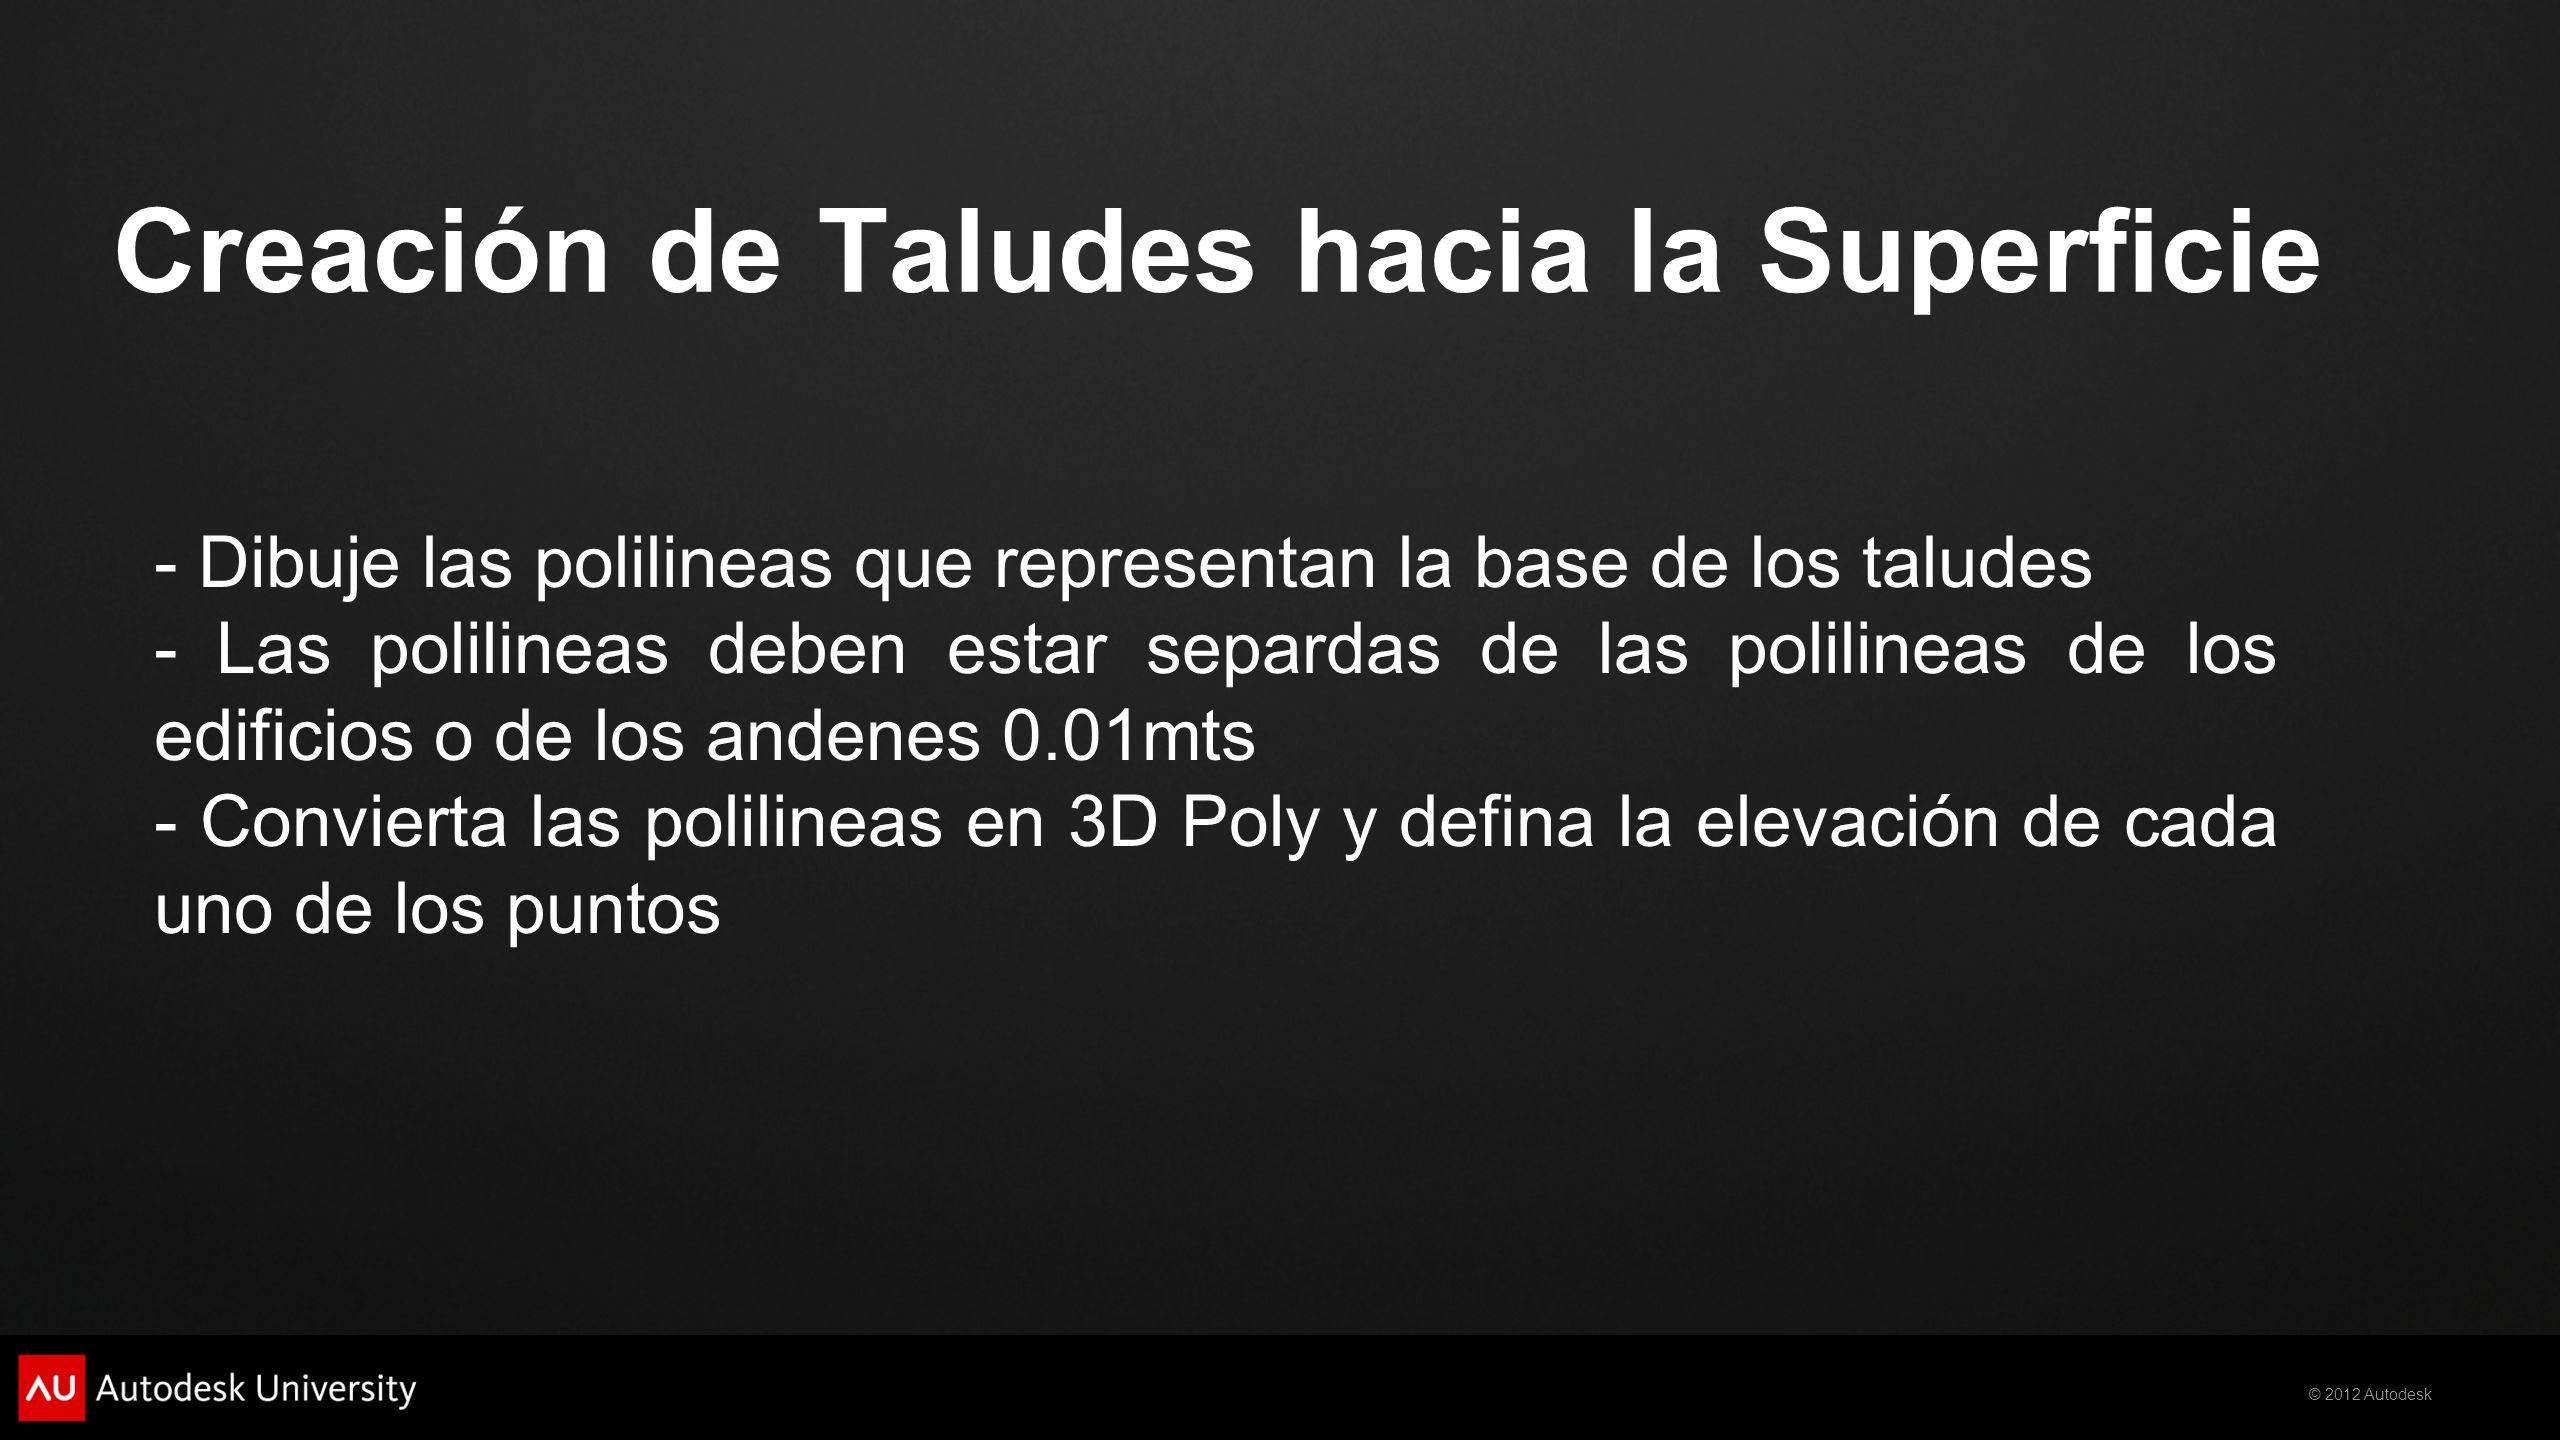 © 2012 Autodesk Creación de Taludes Internos - Dibuje las polilineas que representen los taludes internos - Las polilineas deben estar separadas de las polilineas de los edificios o de los andenes 0.01mts - Convierta las polilineas en 3D Poly y defina la elevación de cada uno de los puntos